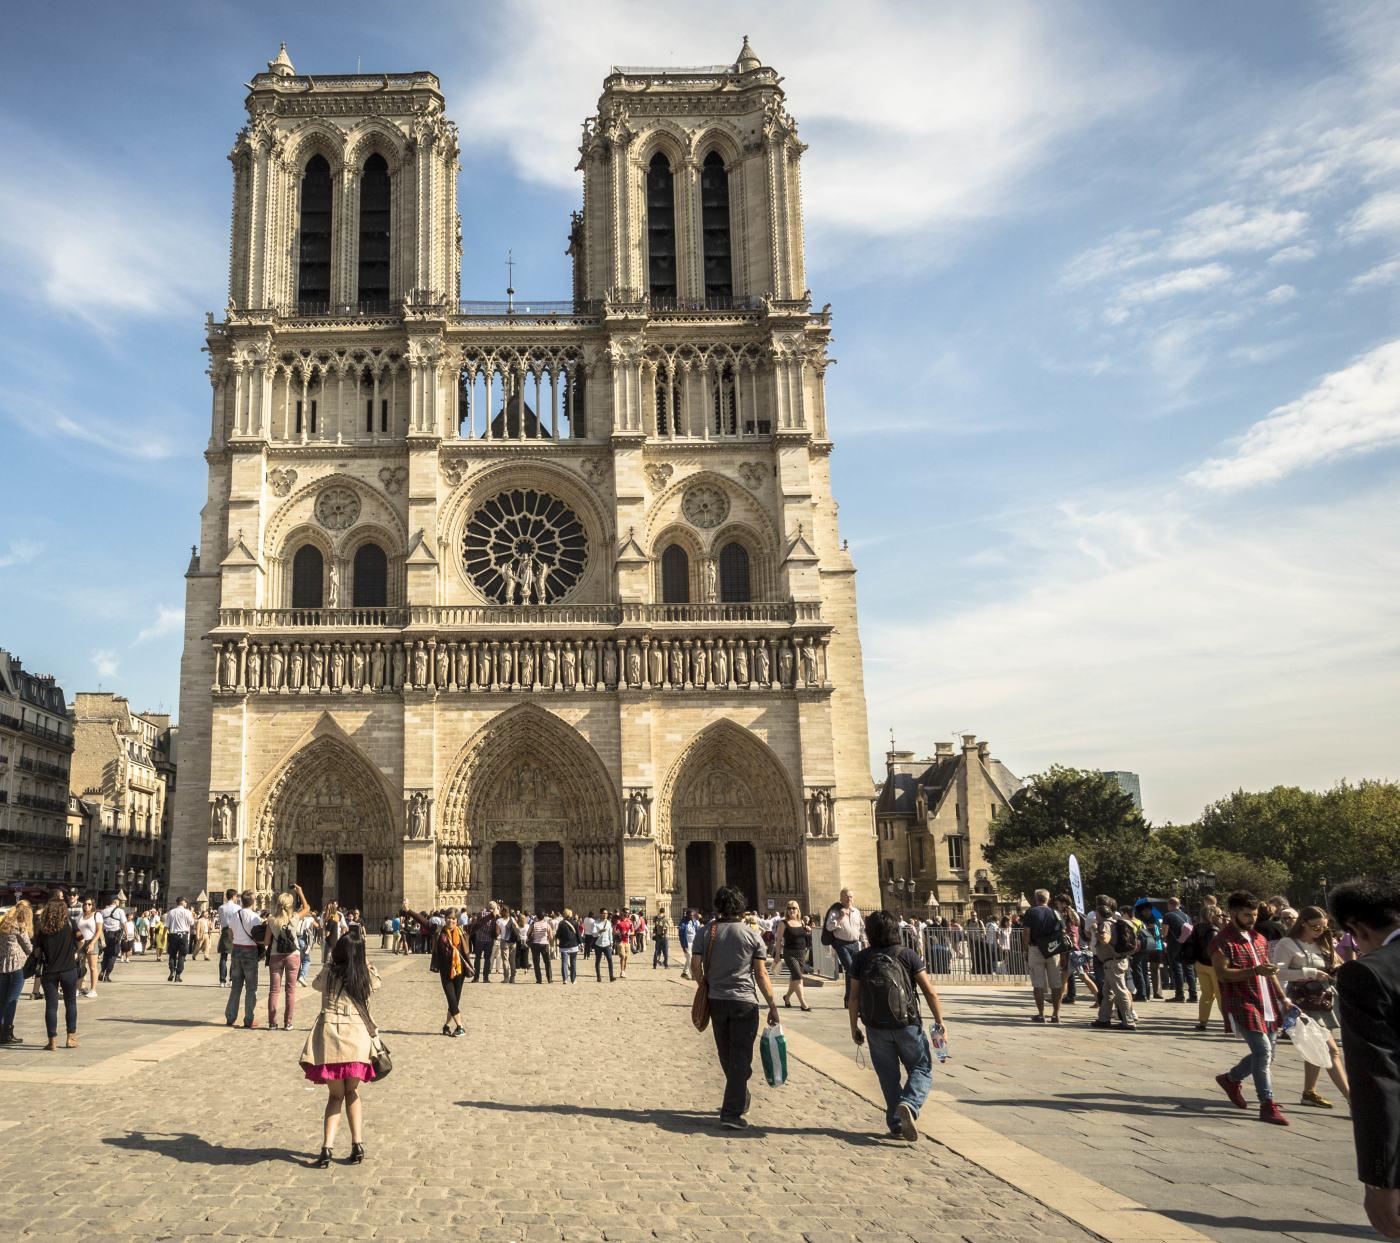 tour-Notre-Dame-de-Paris